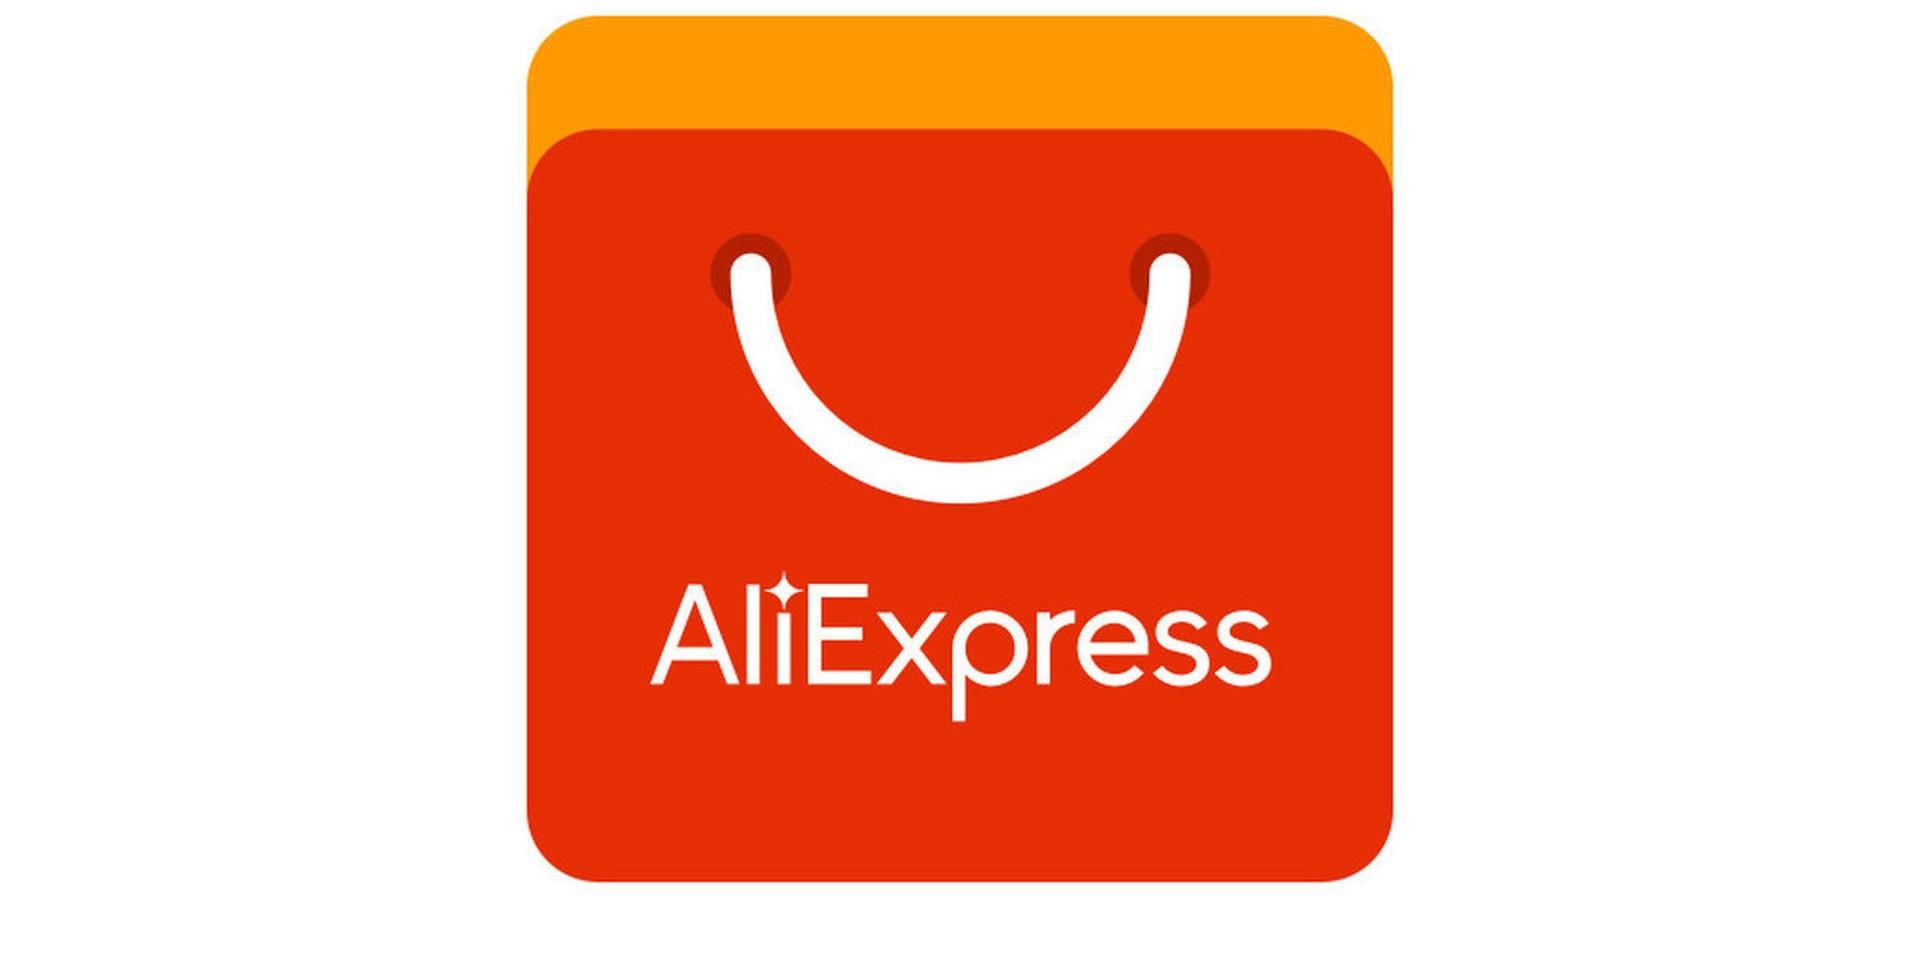 Распродажа 11.11 на AliExpress. Что урвать не дороже 1500: наушники, Bluetooth-колонки и многое другое